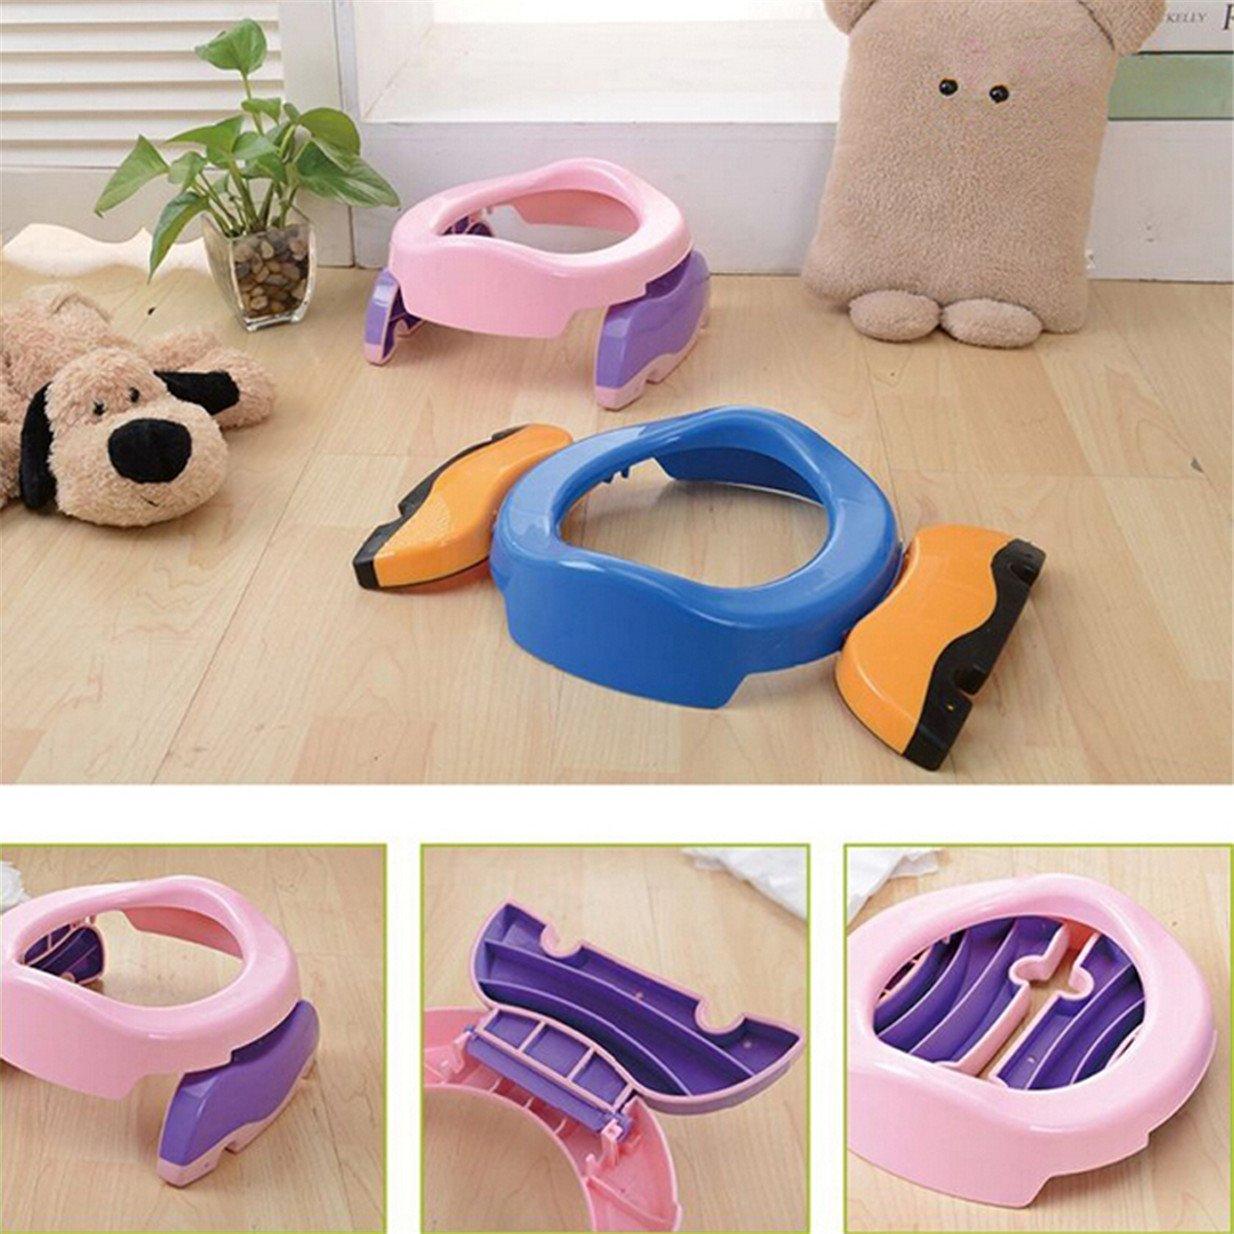 Lalang Baby Kind Faltbarer Tragbar Reise Unterwegs Potty T/öpfchen Toilettensitze Toiletten Trainer blau